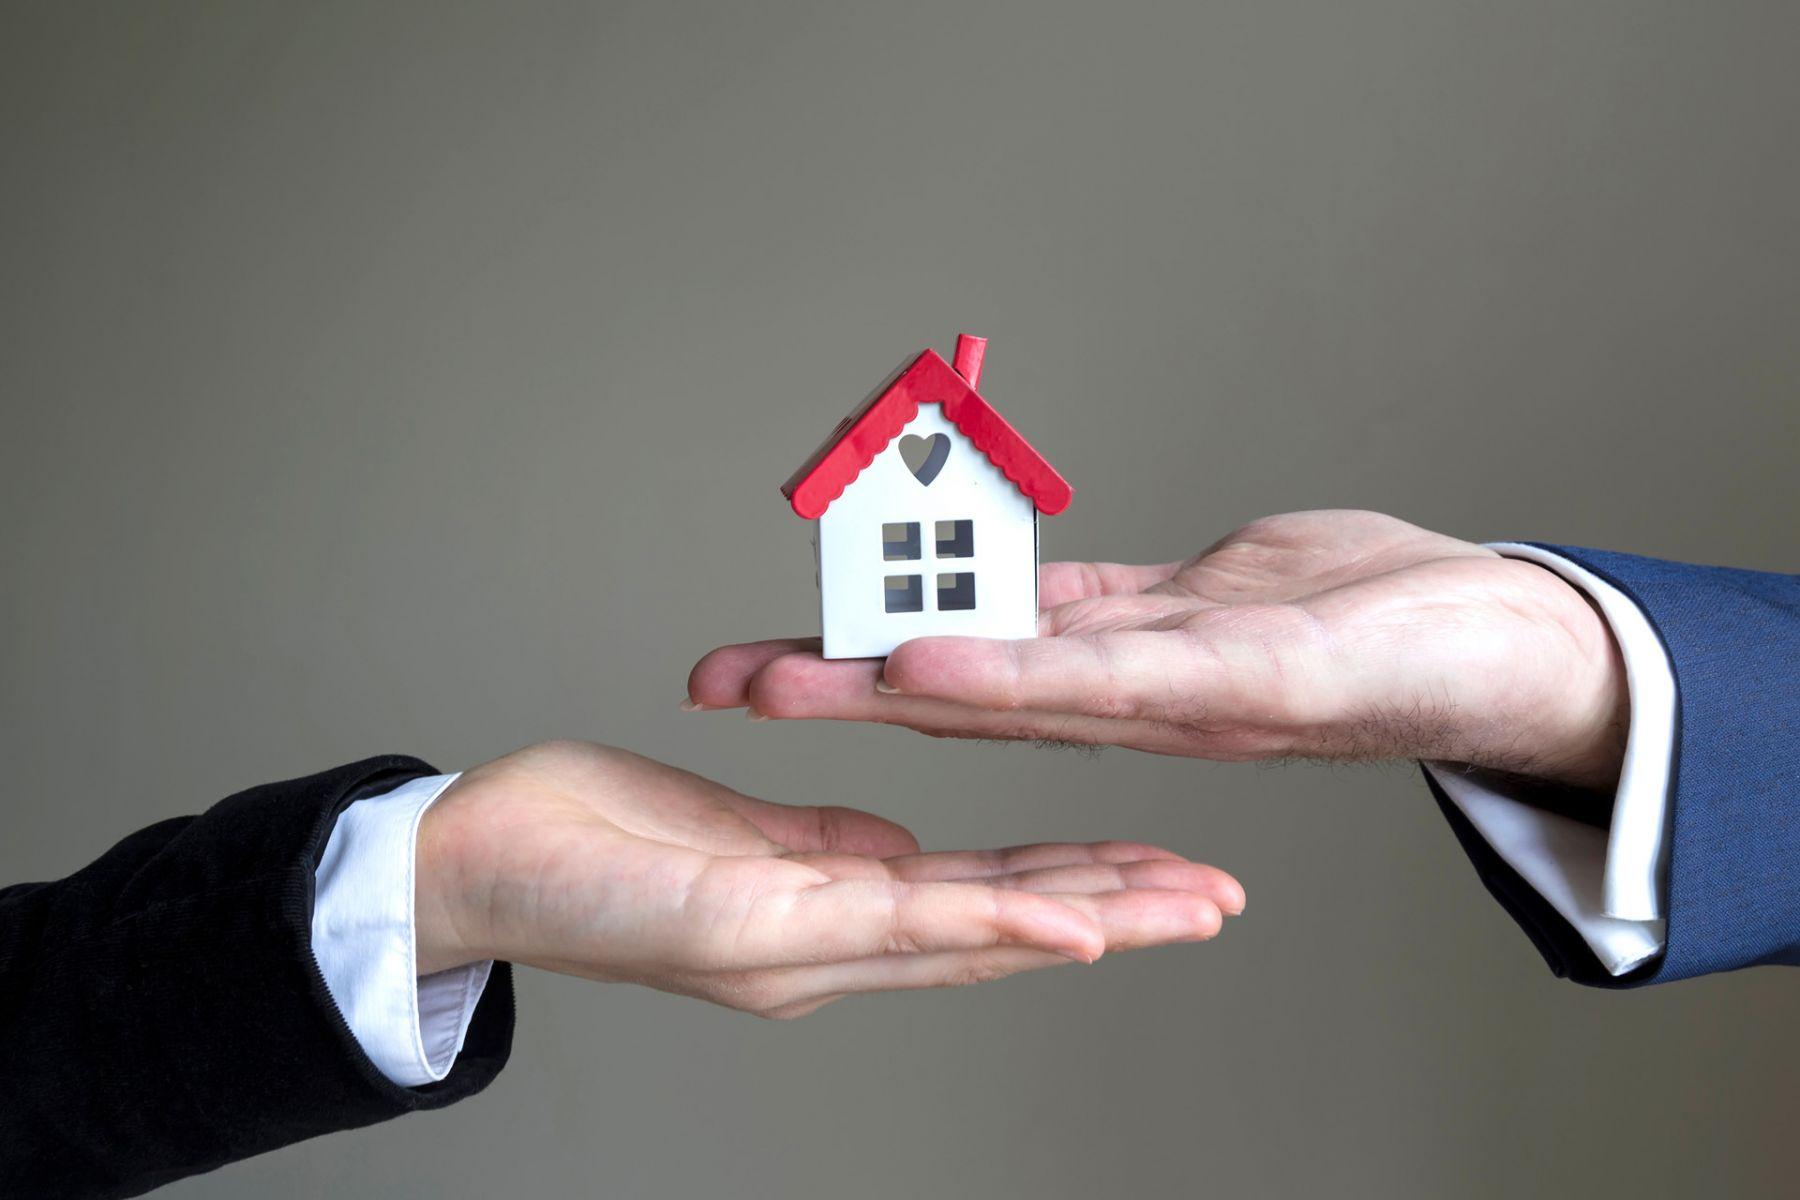 買房出租,投資兼養老,有什麼不好?讓房東慘痛出場的3個理由